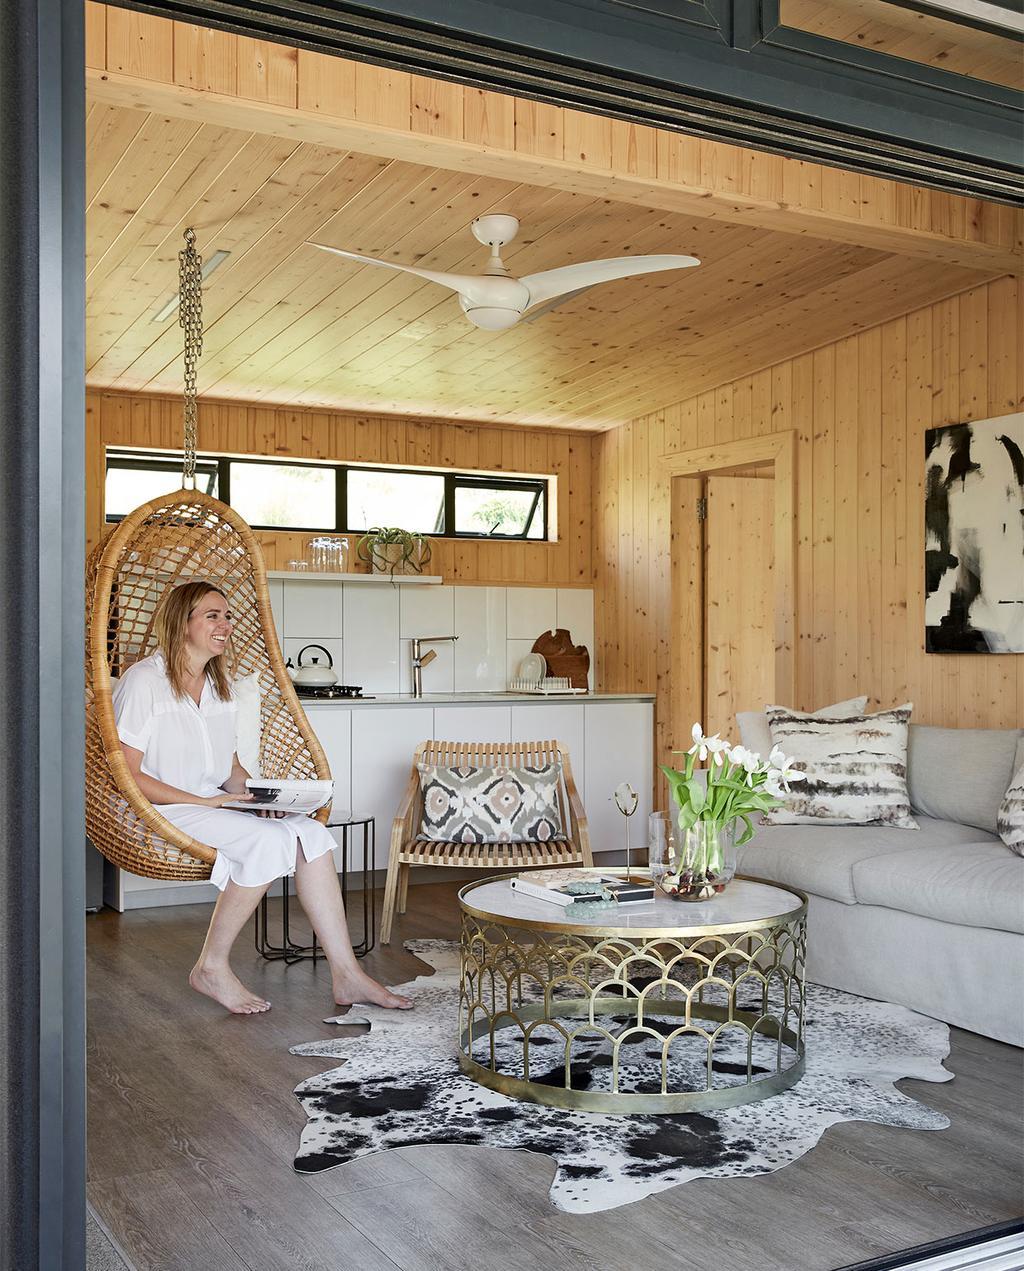 vtwonen special zomerhuizen 07-2021   hangstoel in de woonkamer met grijze bank